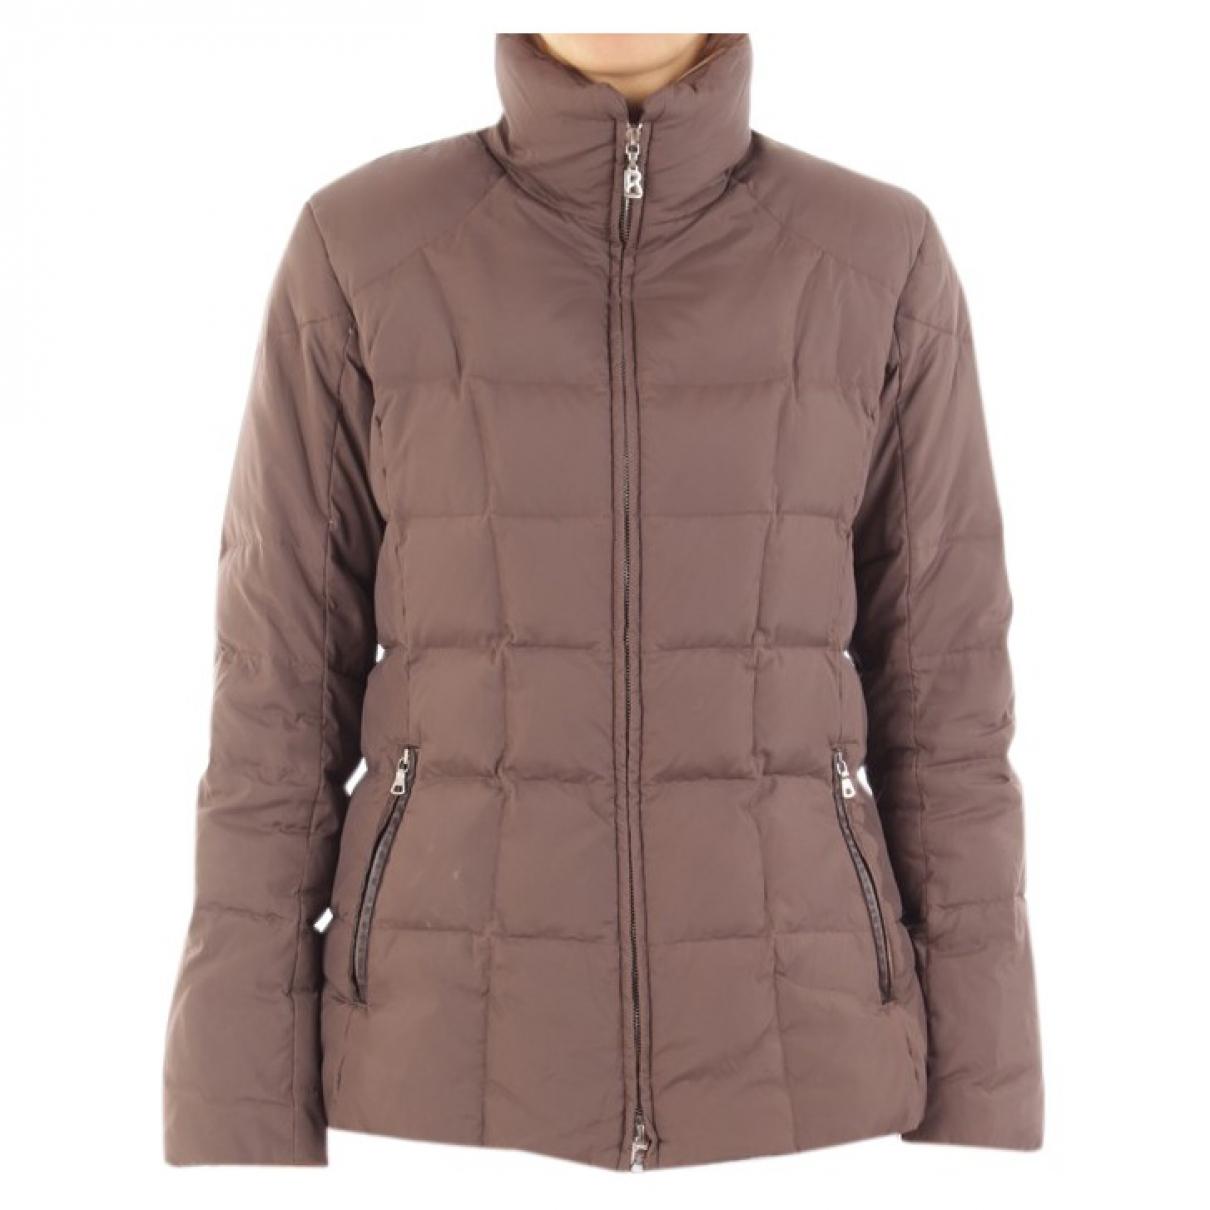 Bogner \N Brown jacket for Women 36 FR